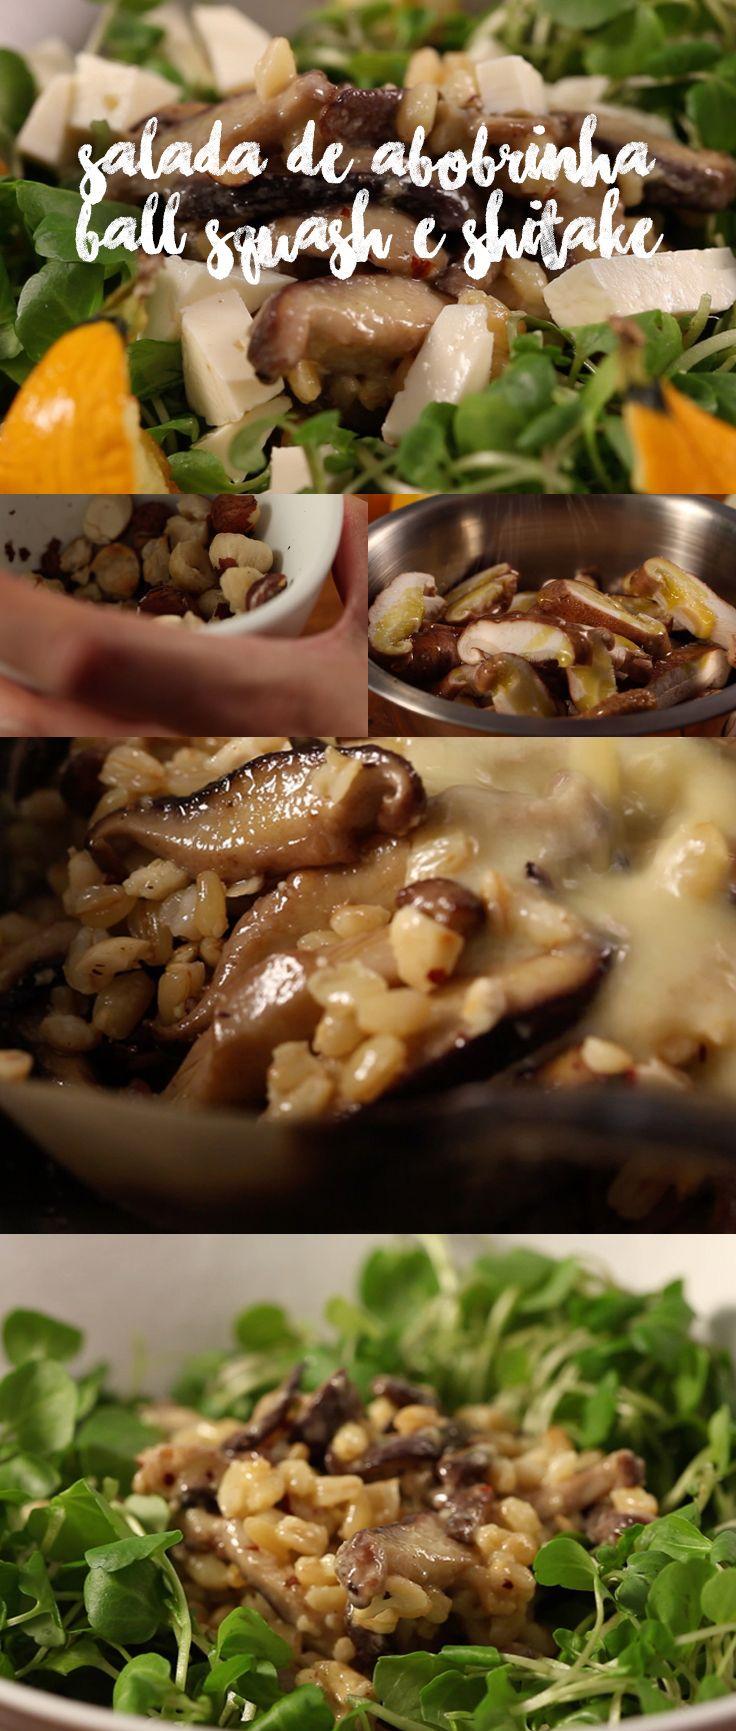 Receita deliciosa de salada de abobrinha com shitake, além de ser riquíssima em sabor, é tão nutritiva que vale como uma refeição. Veja mais receitas em www.myyellowpages.com.br